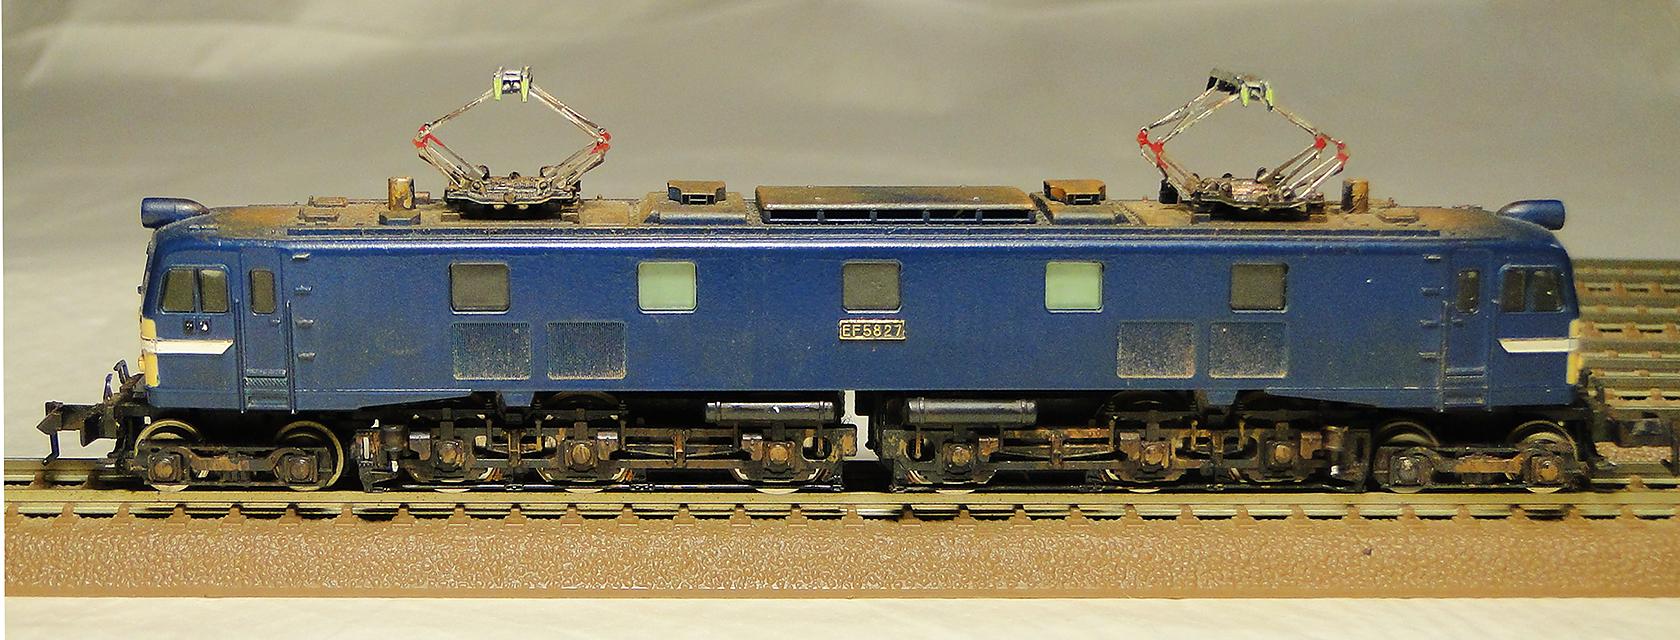 http://moritetsu.info/model-railway/img/DSC06231sss.jpg